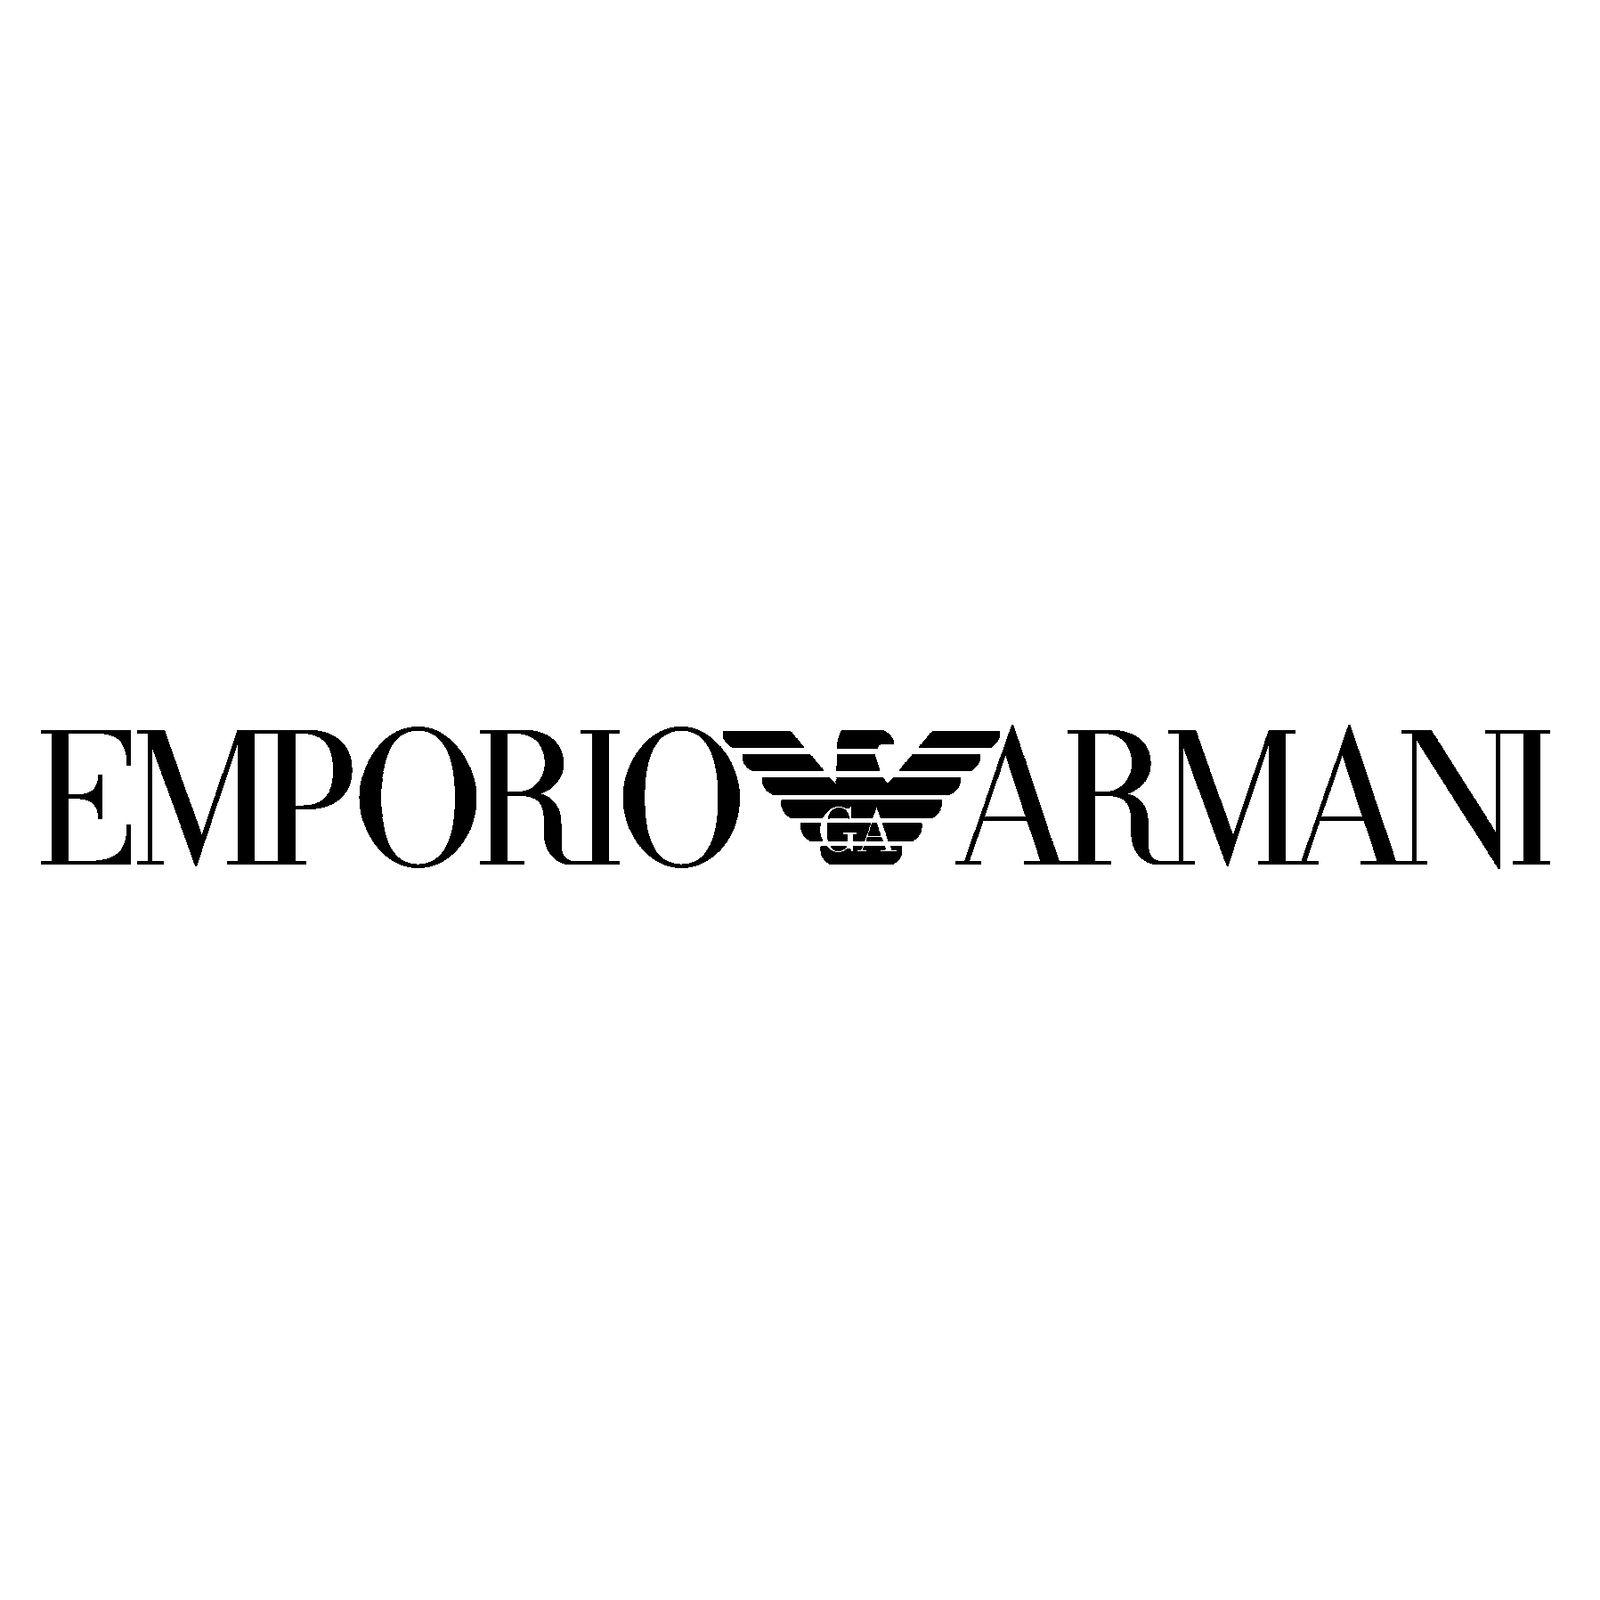 EMPORIO ARMANI (Imagen 1)